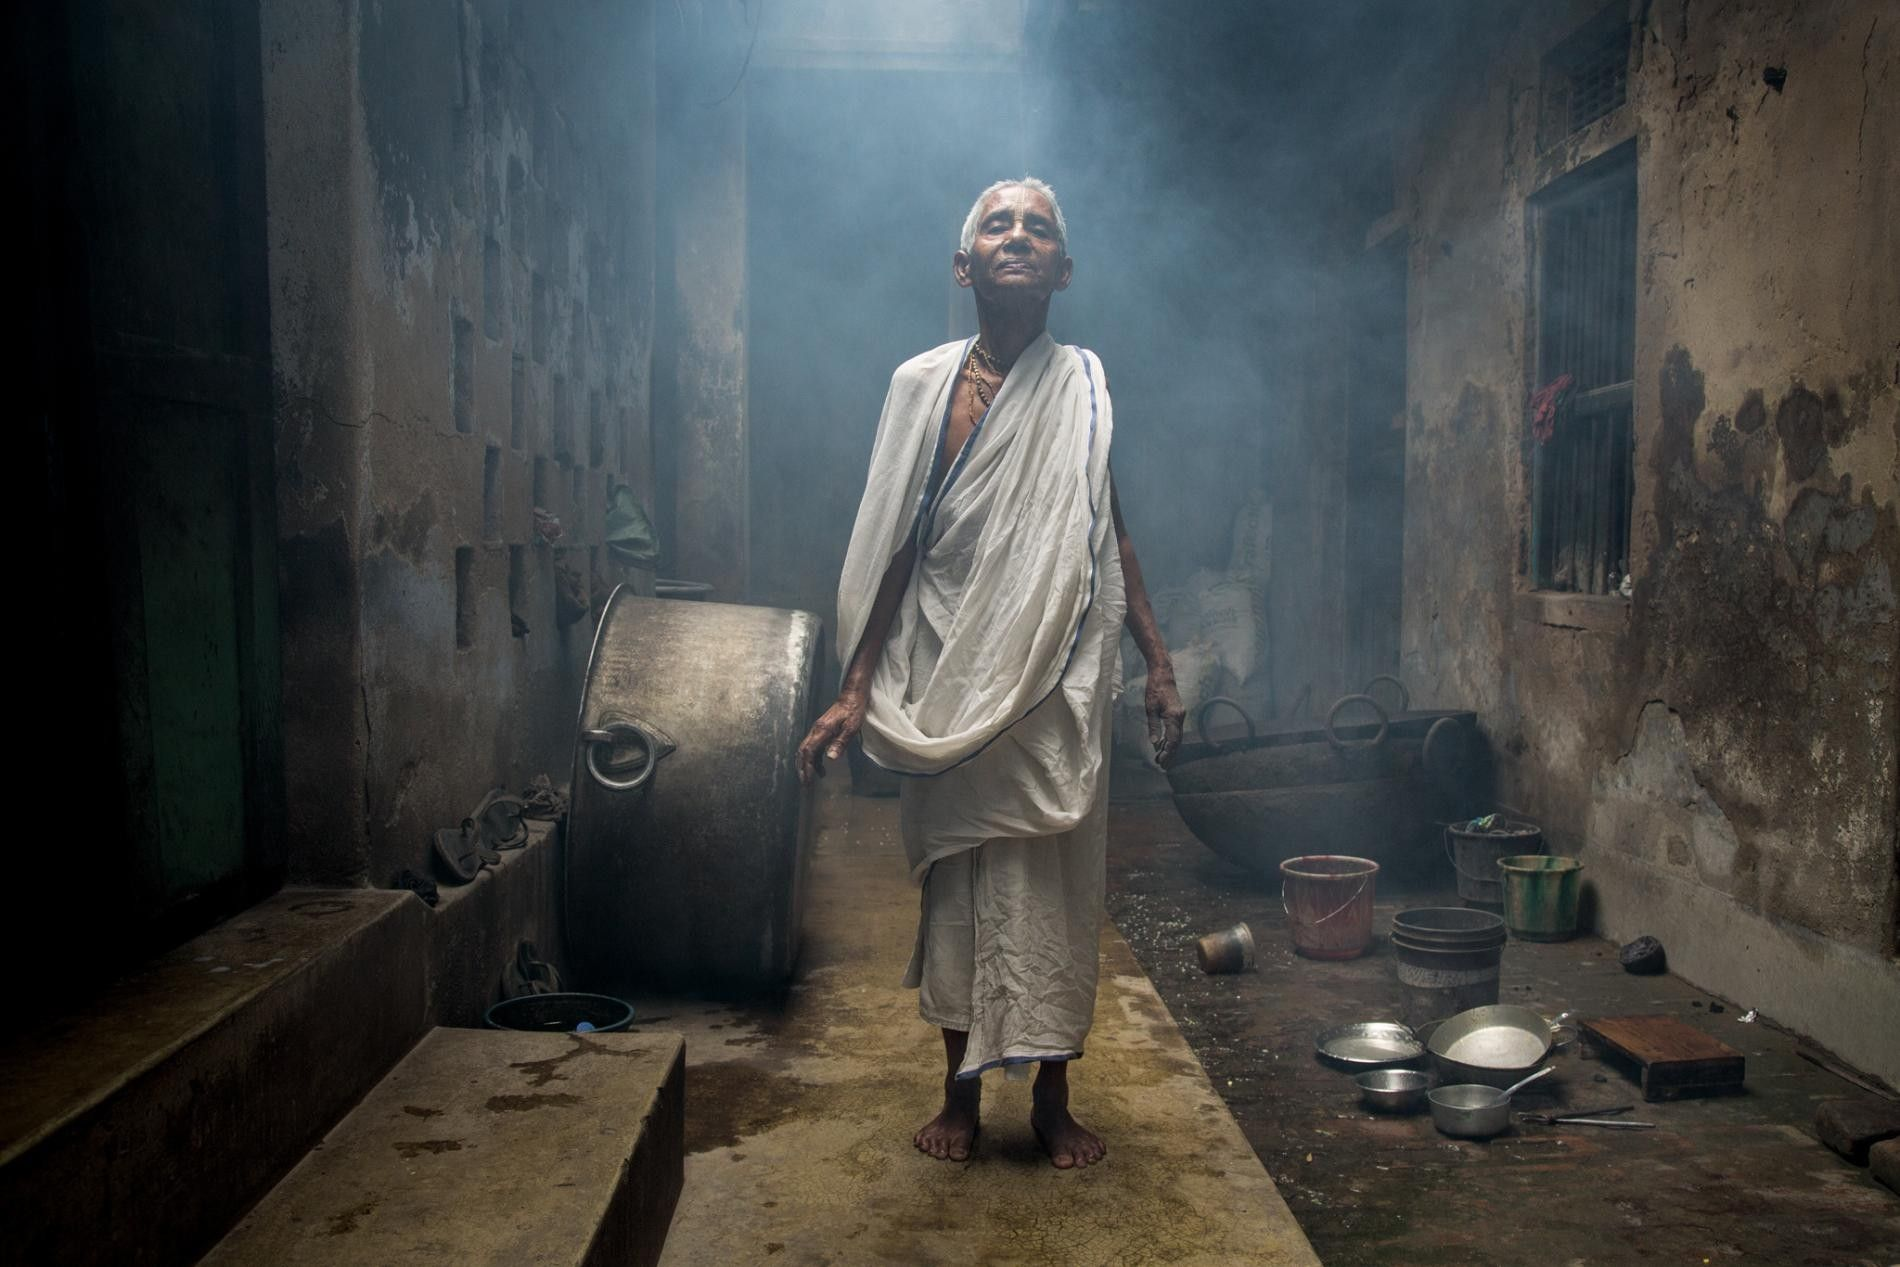 INDE - Des villes qui sont des centres spirituels abritent des communautés de veuves. Celles-ci attirent ...